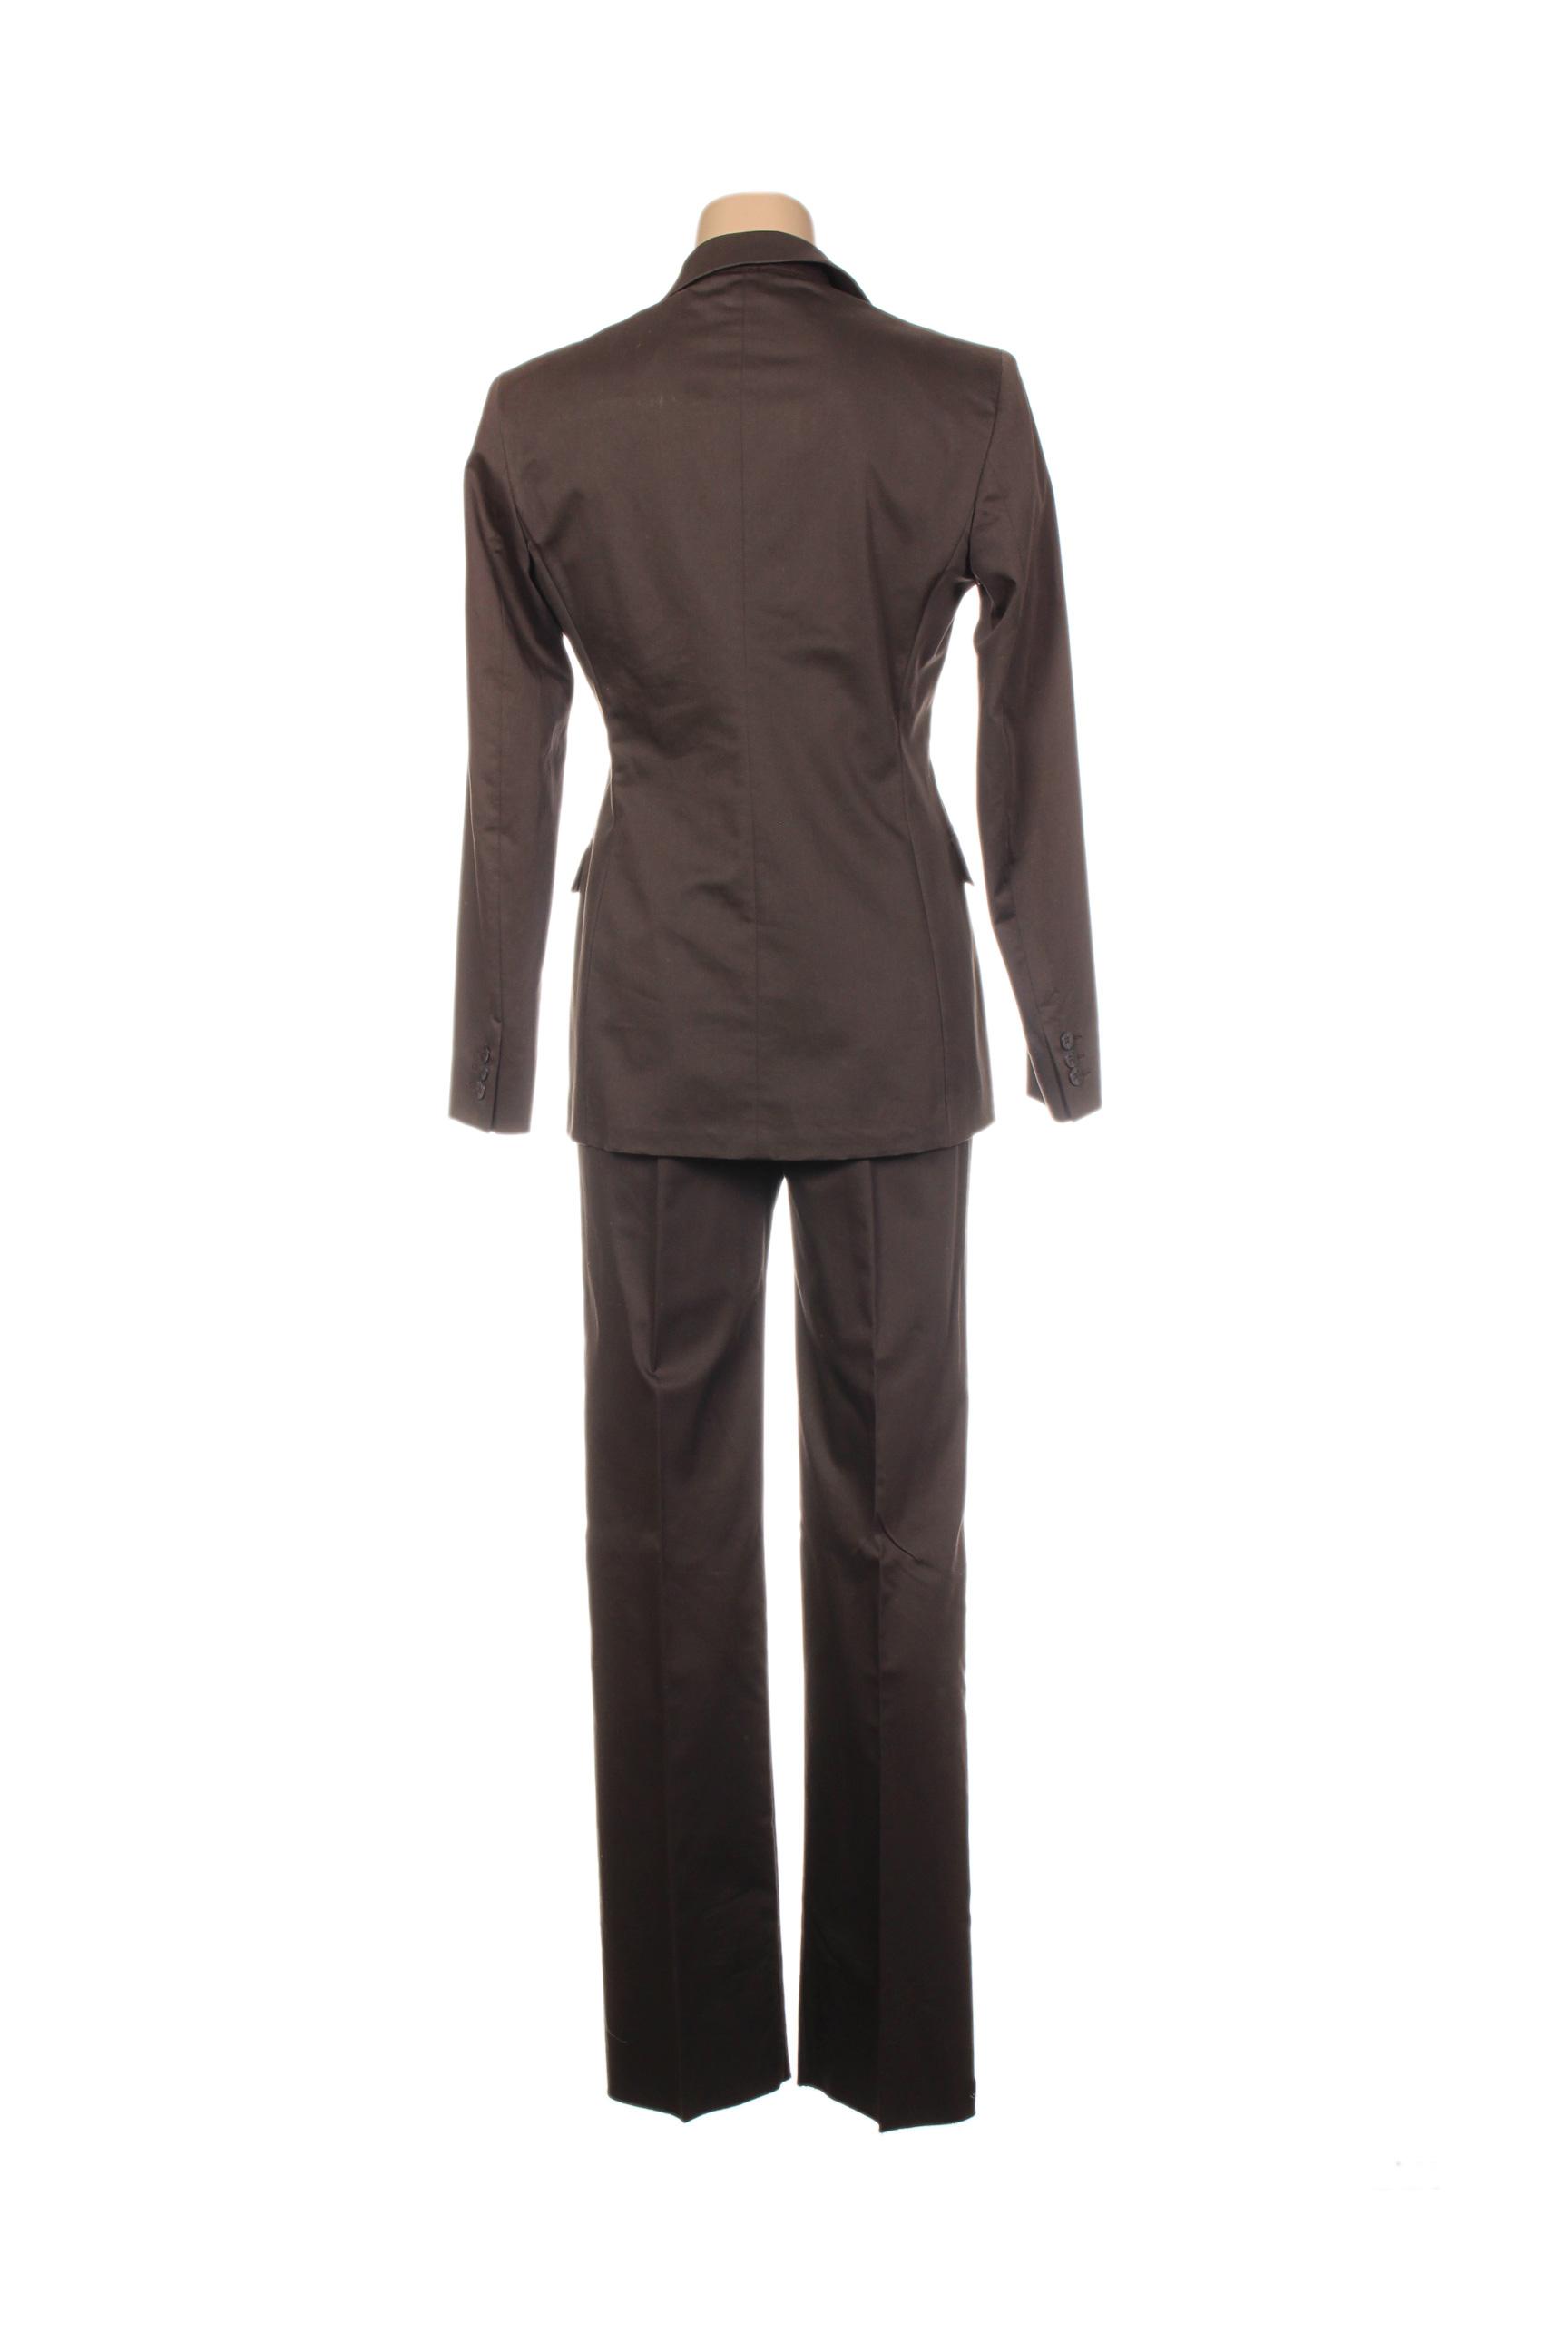 Maxmara Pantalon Veste Femme De Couleur Marron En Soldes Pas Cher 1290439-marron